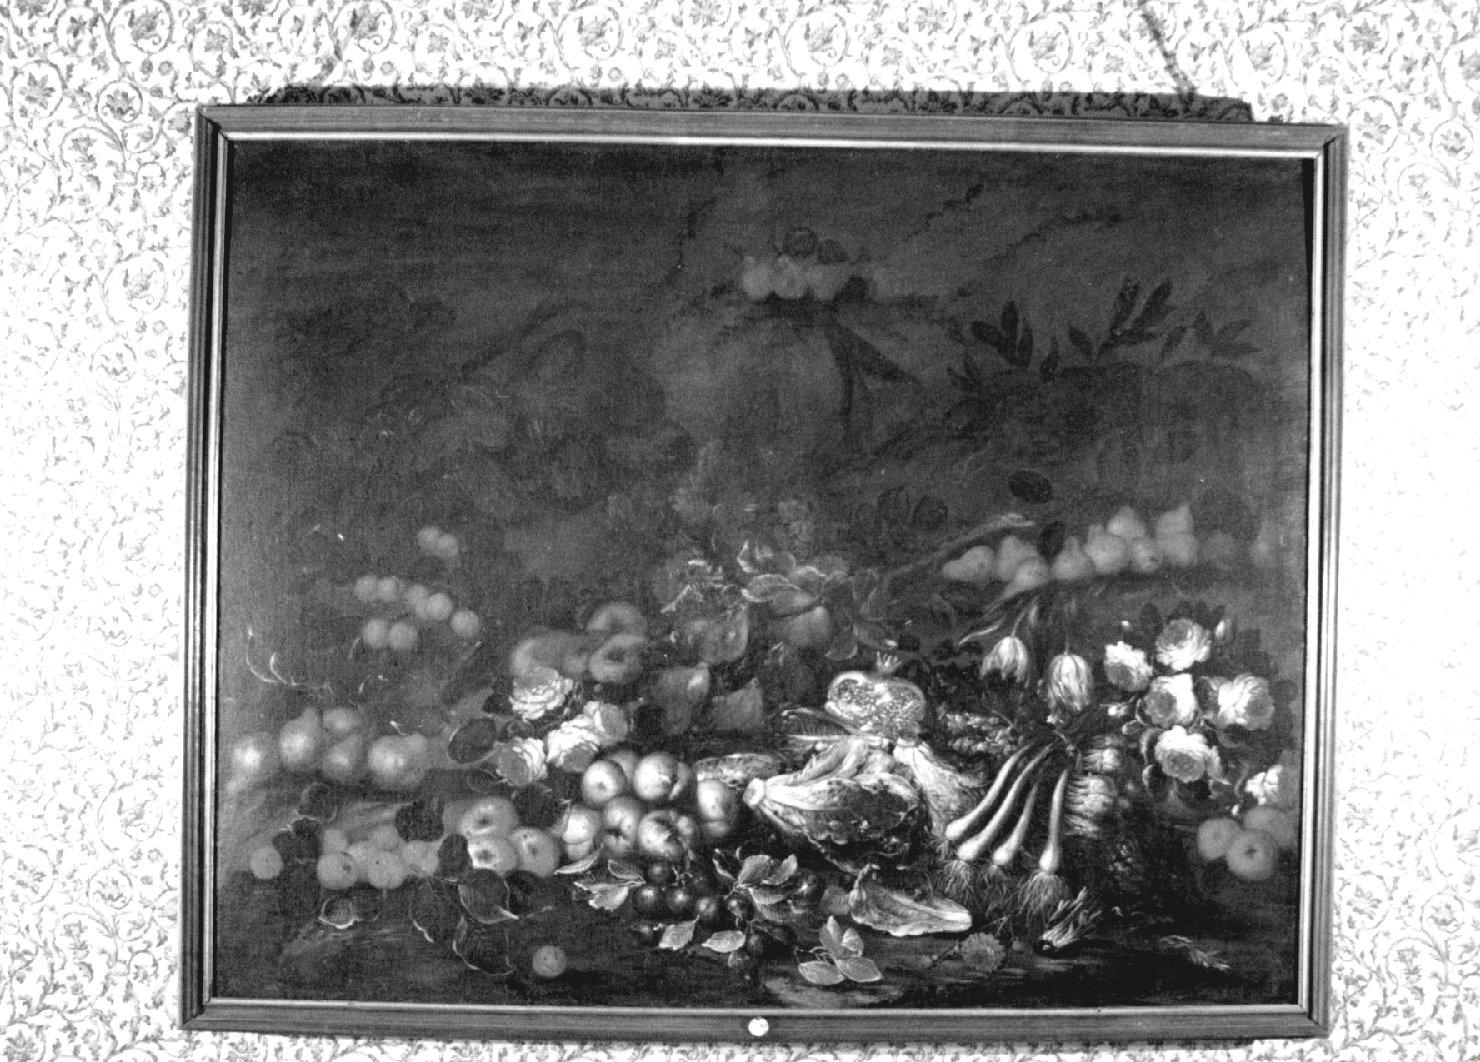 dipinto, opera isolata - ambito italiano (seconda metà sec. XVII)